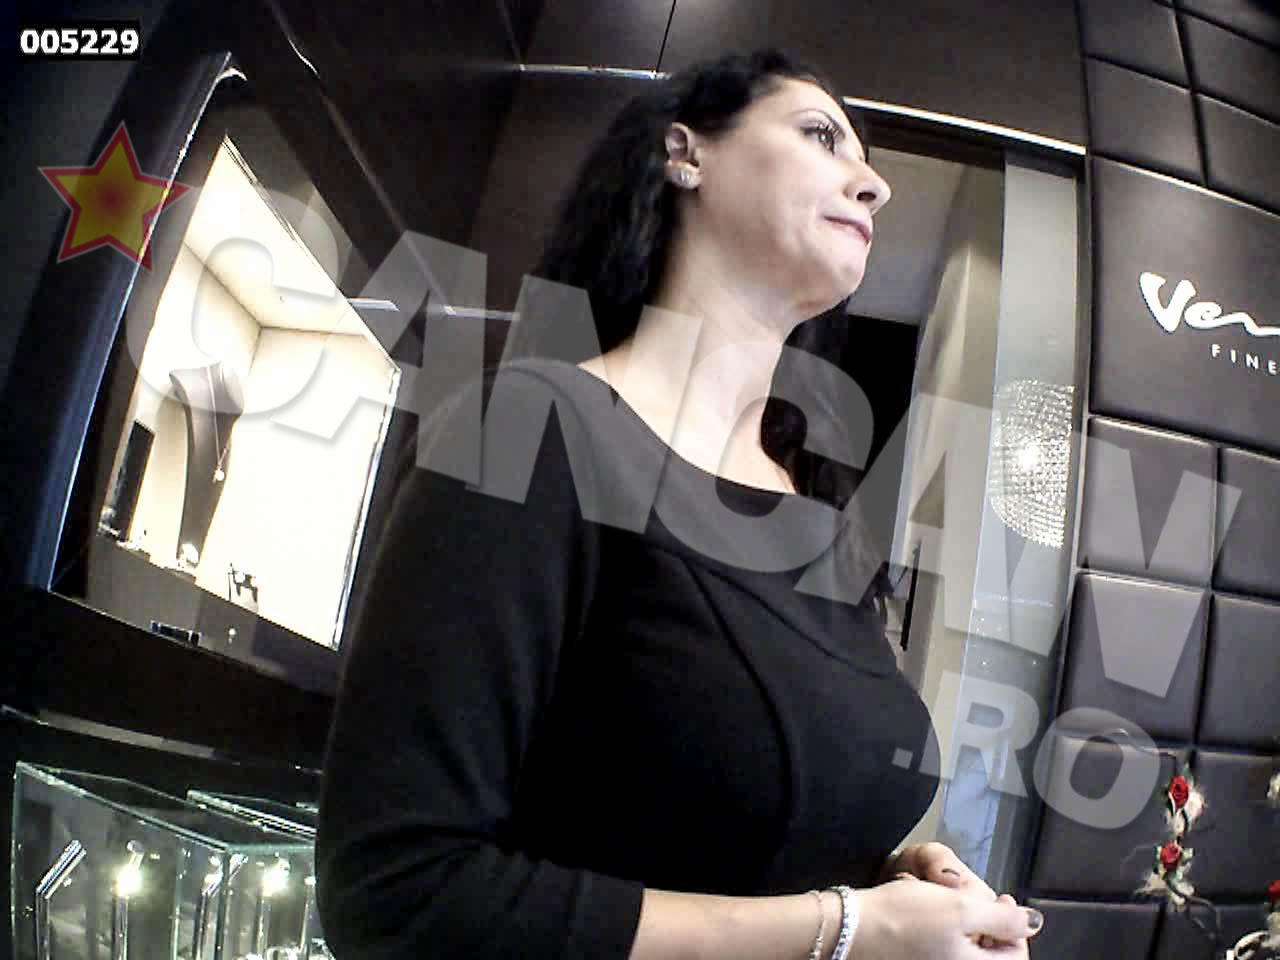 DEnise Iacobescu lucreaza ca vanzatoare intr-un magazin de lux, din incinta unui hotel bucurestean